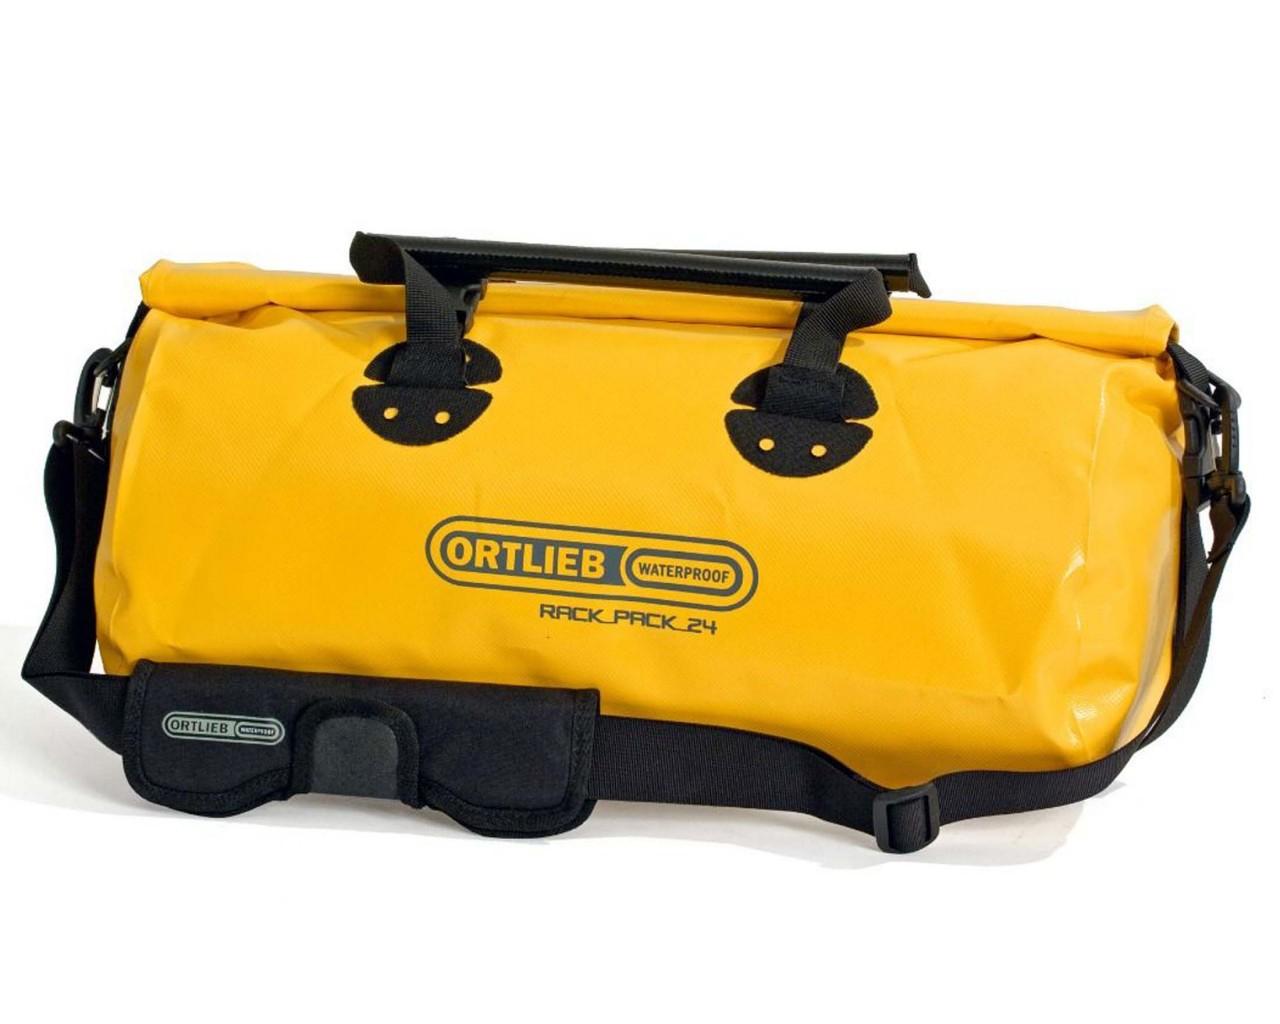 Ortlieb Rack-Pack 24 Liter wasserdichte Tasche | sun yellow